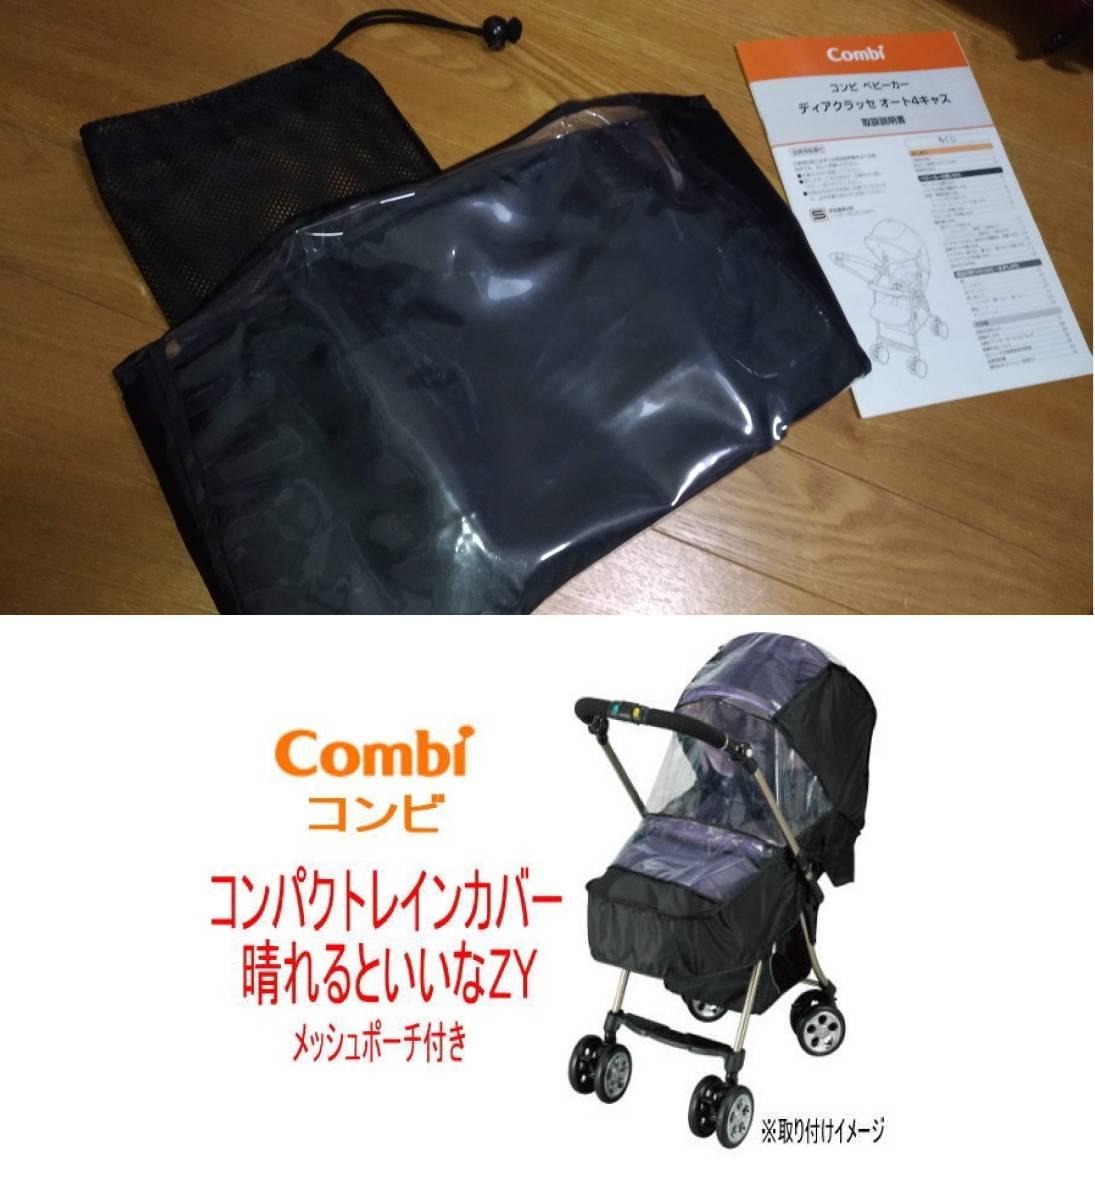 送料込 combi コンビ ベビーカー ディアクラッセ オート4キャス エッグショック XY-500 美品 専用 レインカバー 未使用_画像7